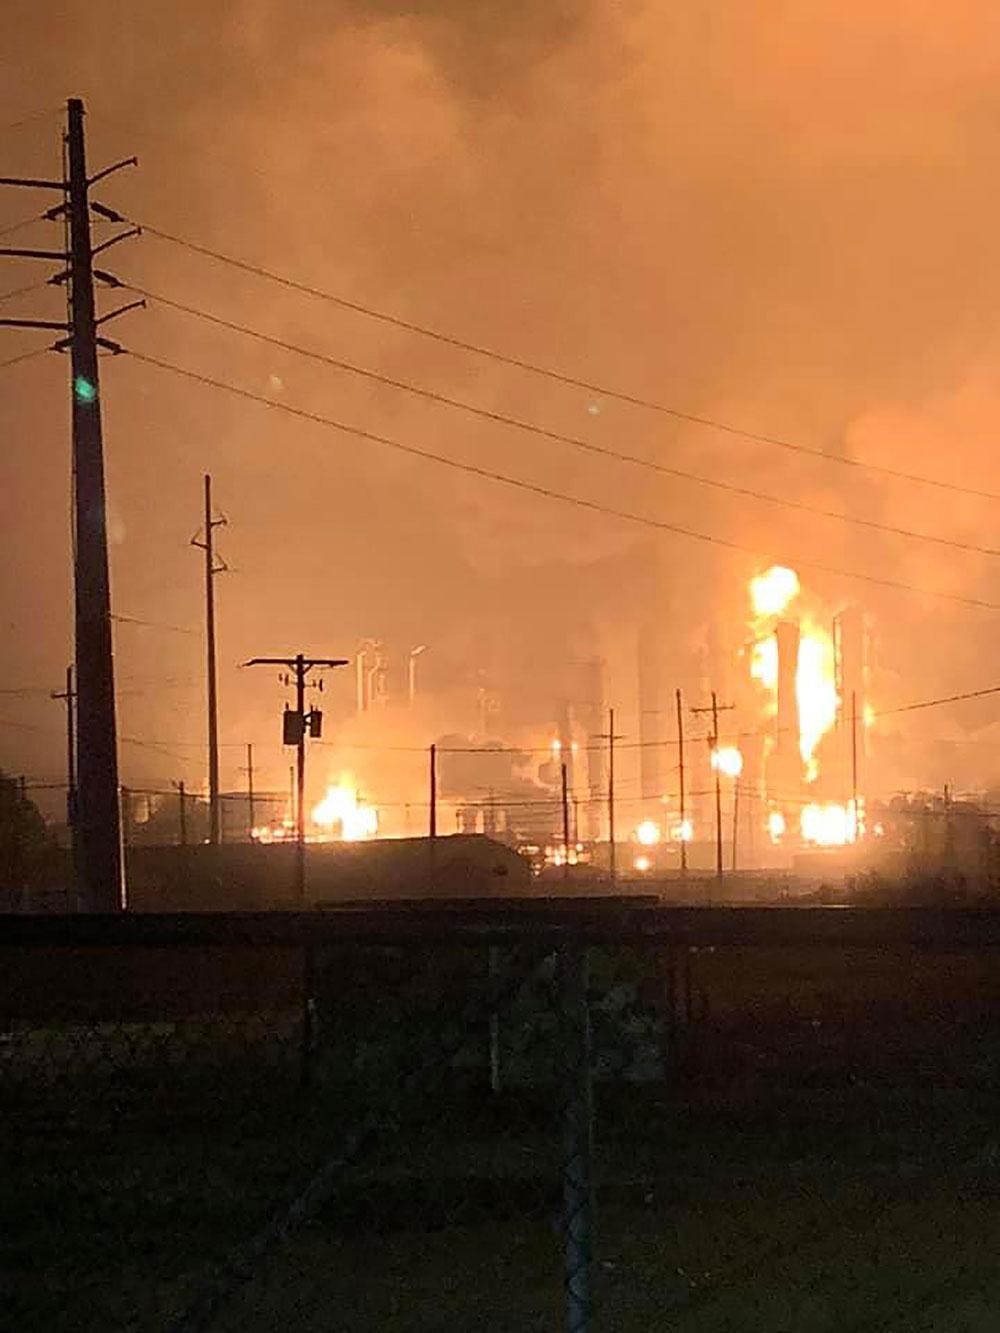 Etats-Unis: explosion dans une usine chimique au Texas, trois blessés